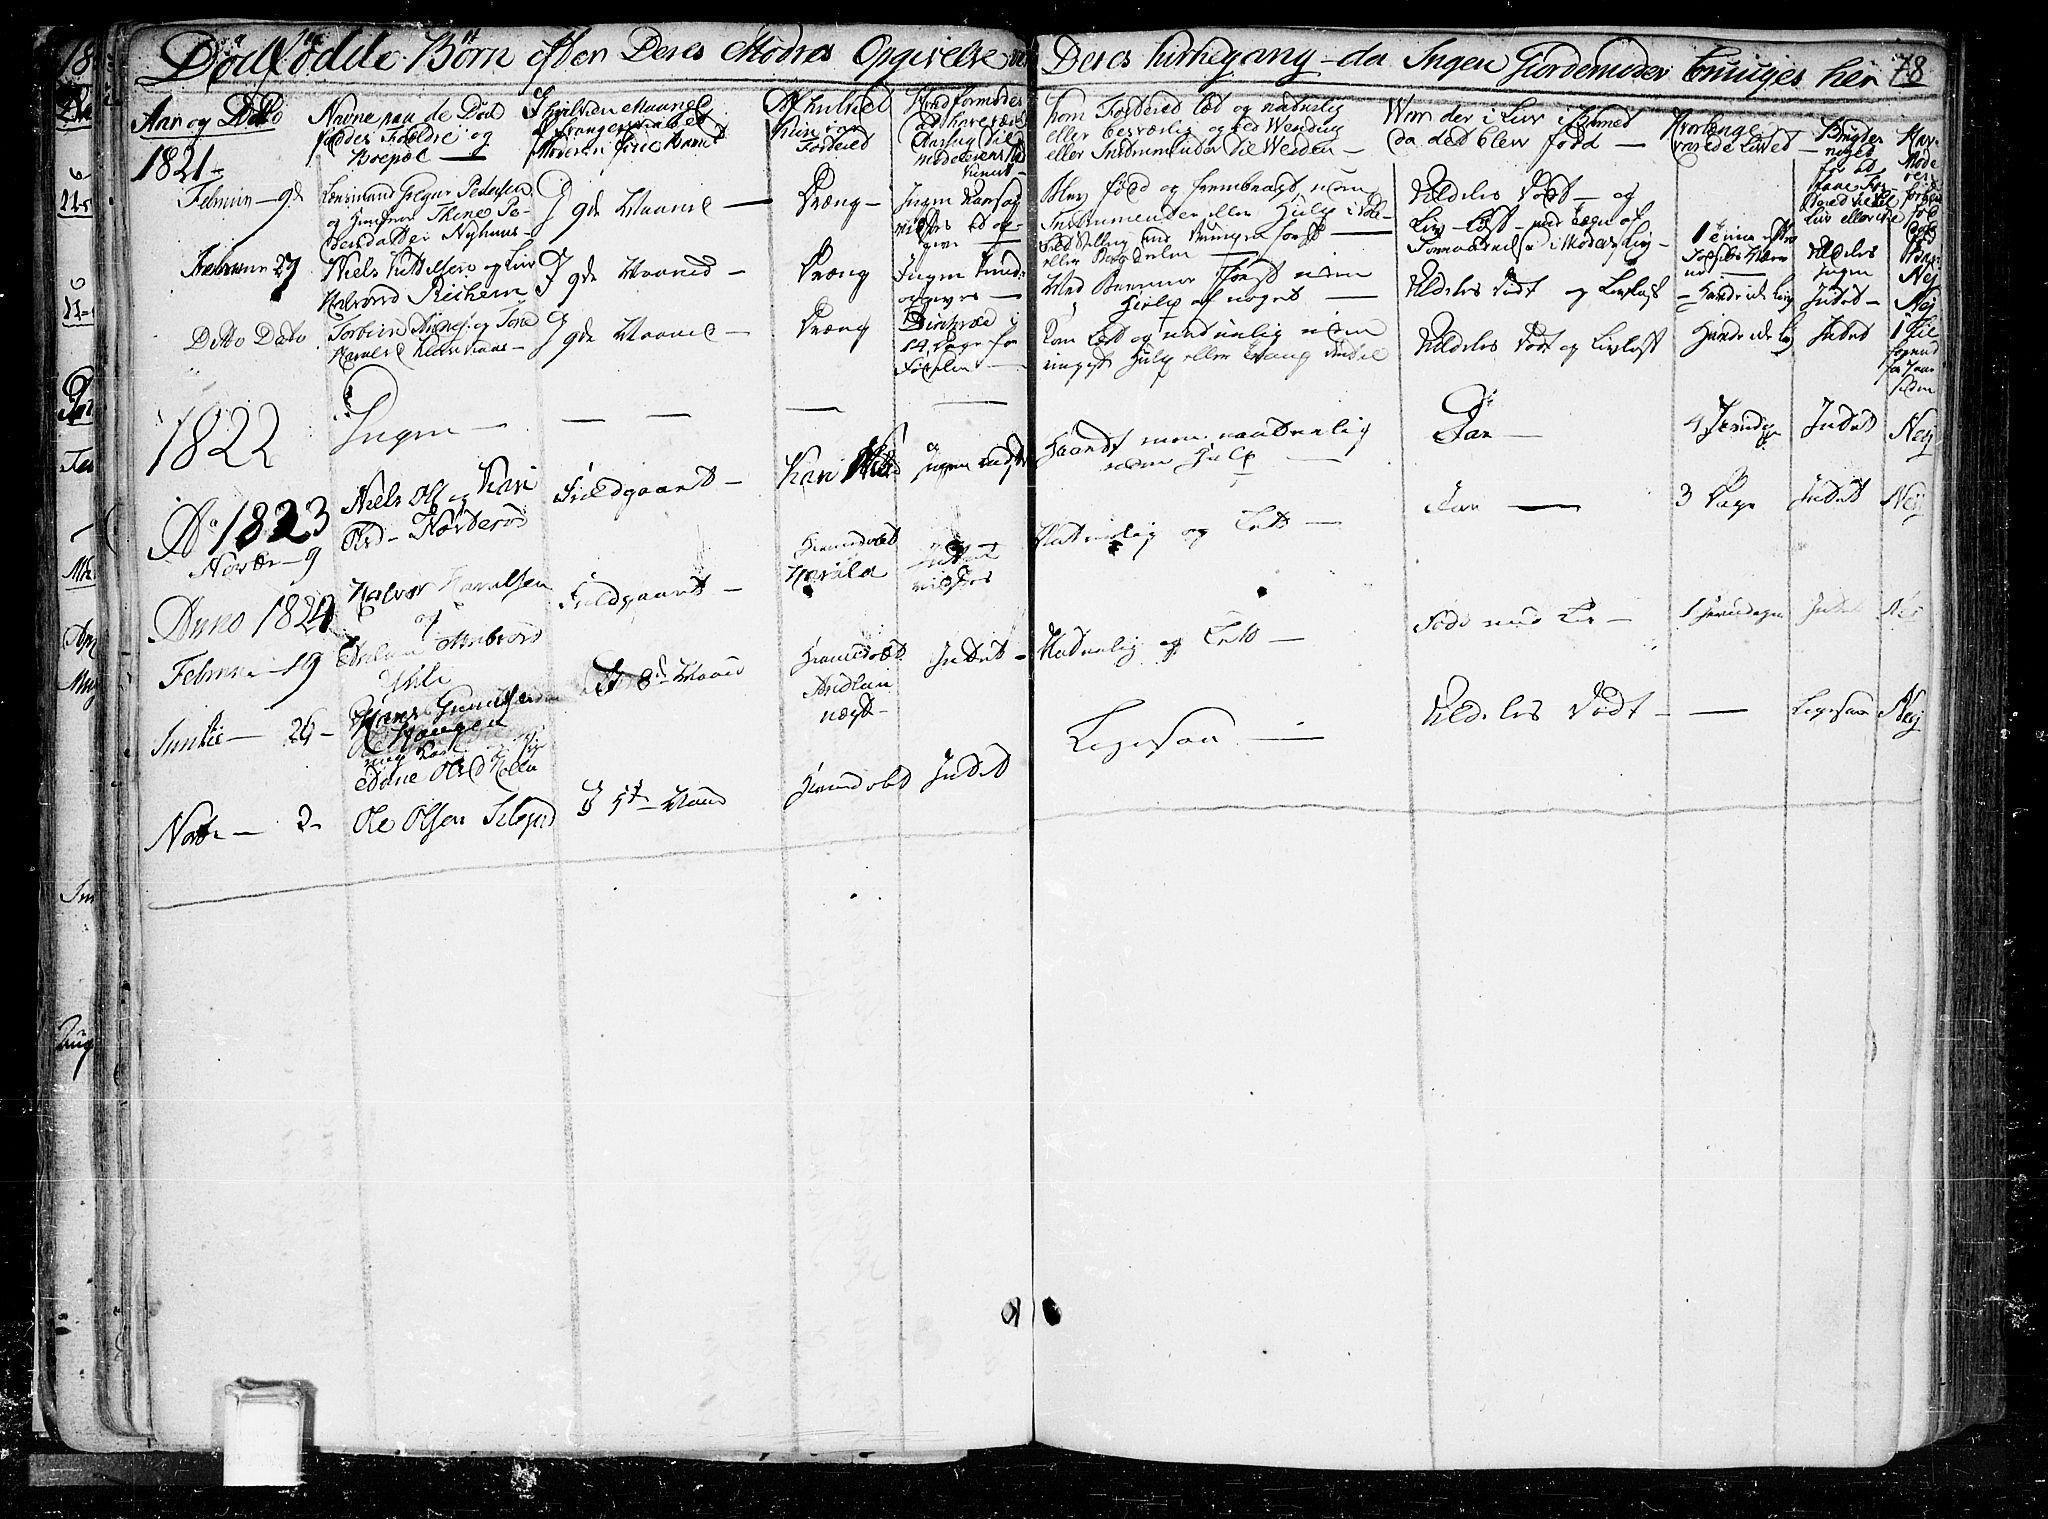 SAKO, Heddal kirkebøker, F/Fa/L0004: Ministerialbok nr. I 4, 1784-1814, s. 78